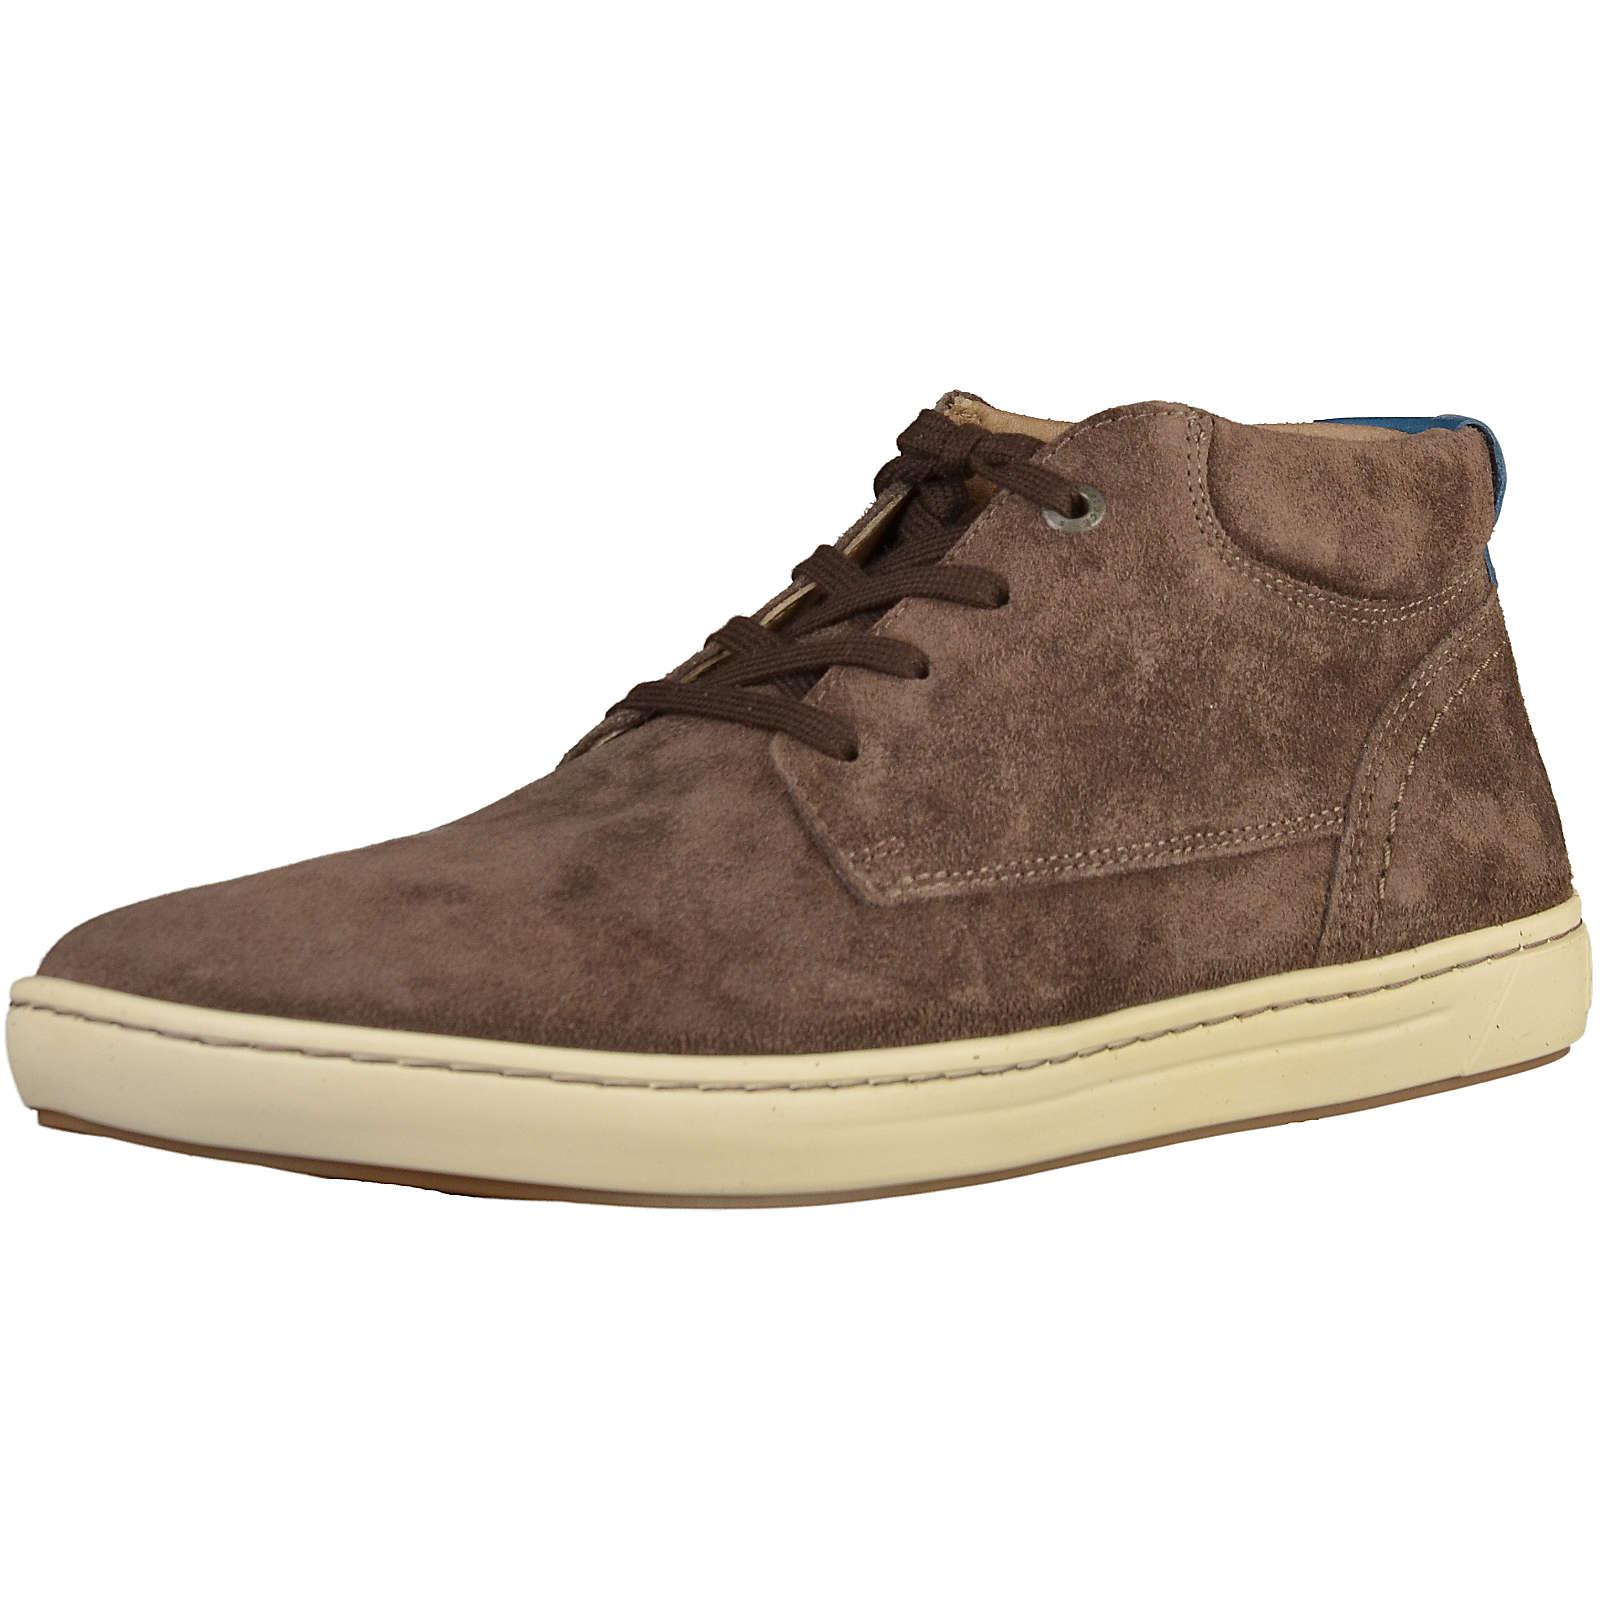 BIRKENSTOCK Bandon Sneakers High dunkelbraun Herren Gr. 40